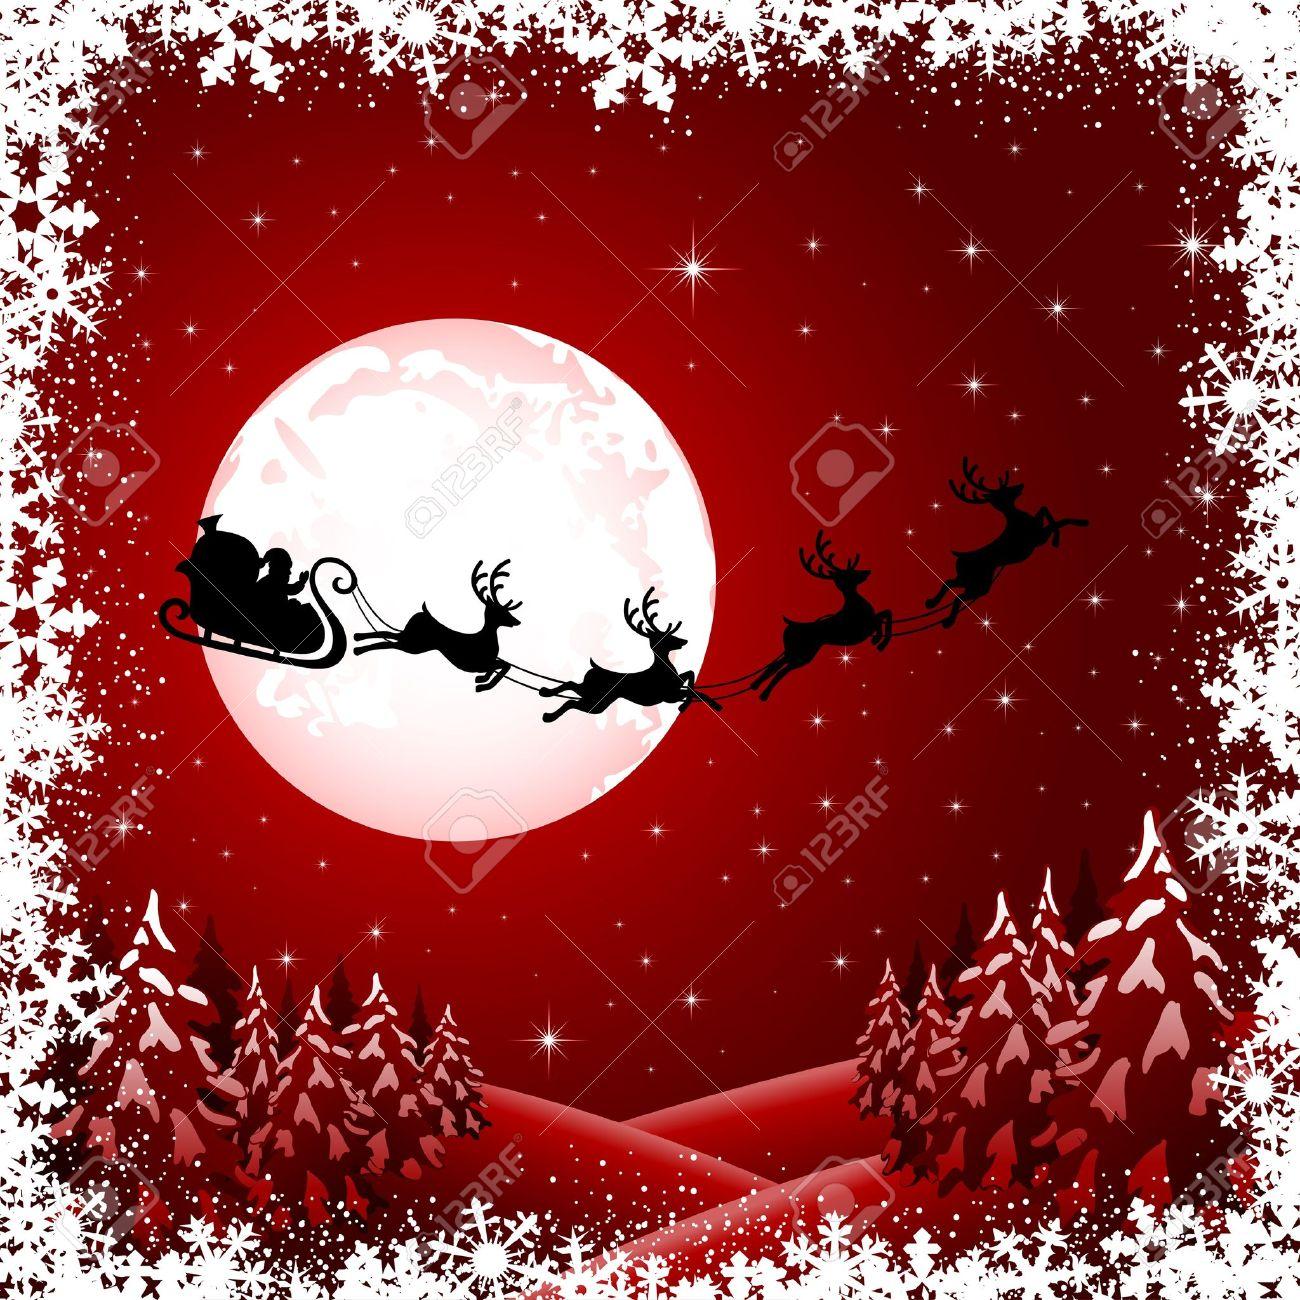 Immagini Babbo Natale Con Slitta.Sfondo Con Babbo Natale In Slitta L Albero Di Natale E Stelle Illustrazione